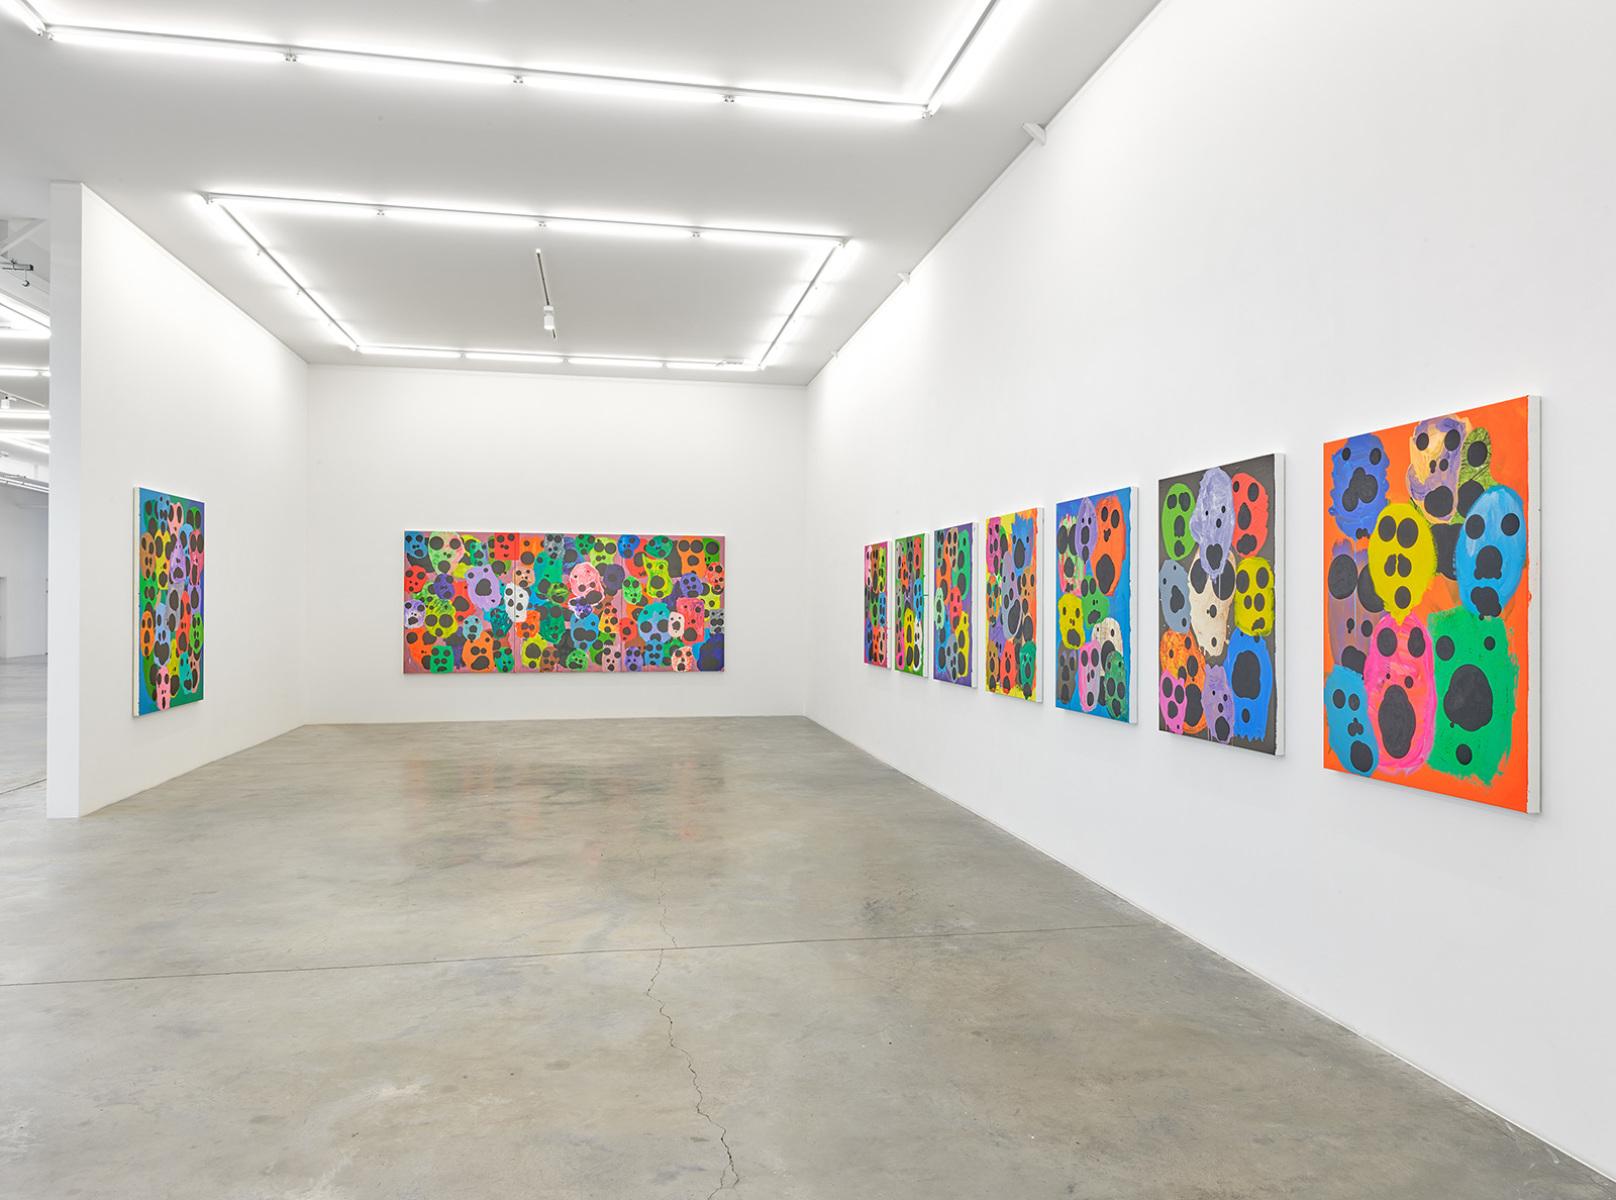 Exhibition view, Mitja Tušek, Freitzeit ist Arbeit, Wandhaff, juin 2021 #11